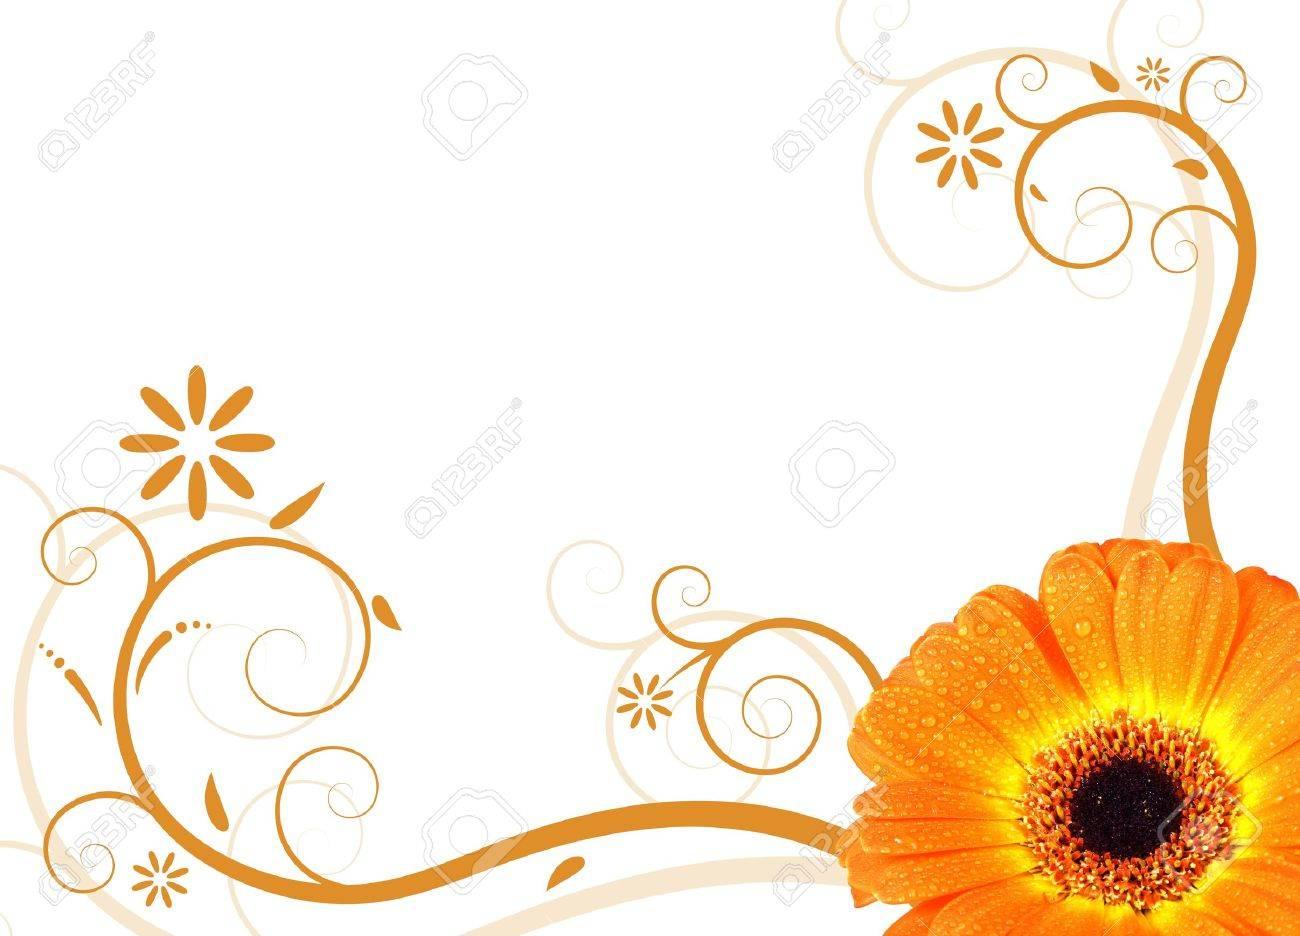 Banque dimages , gerbera fleur dorange frais illustré avec un dessin floral